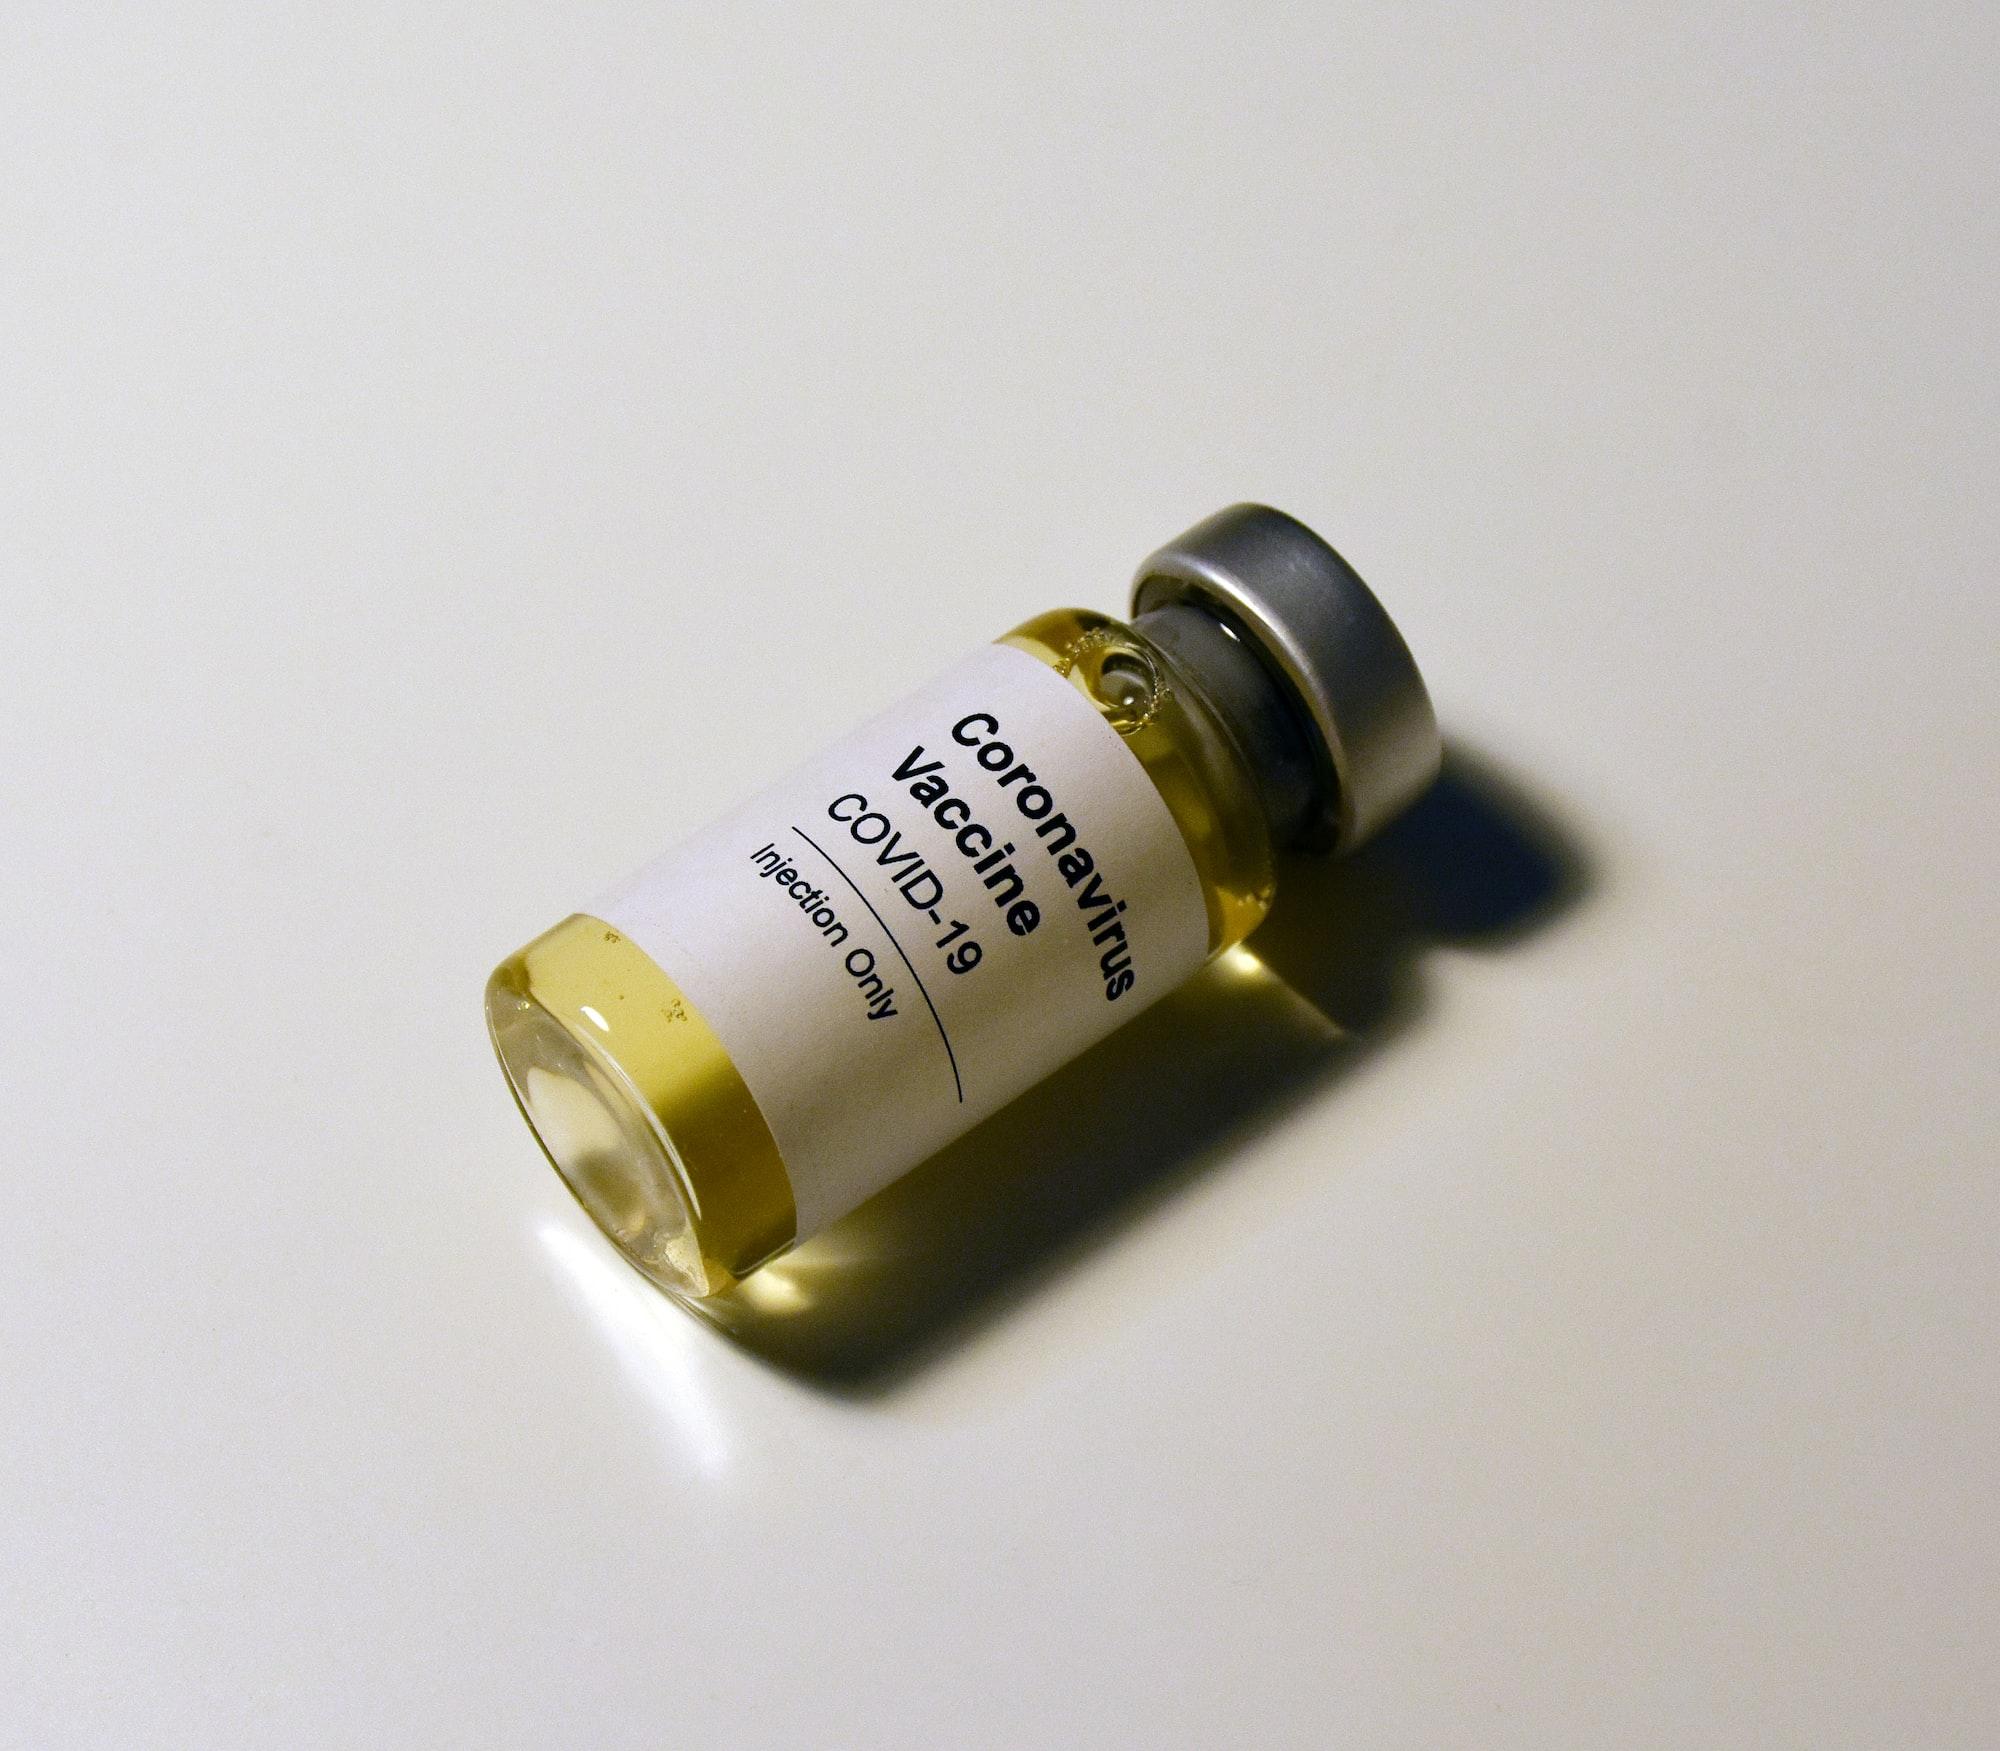 中国疫苗有效率揭晓,张文宏建议:领导先打